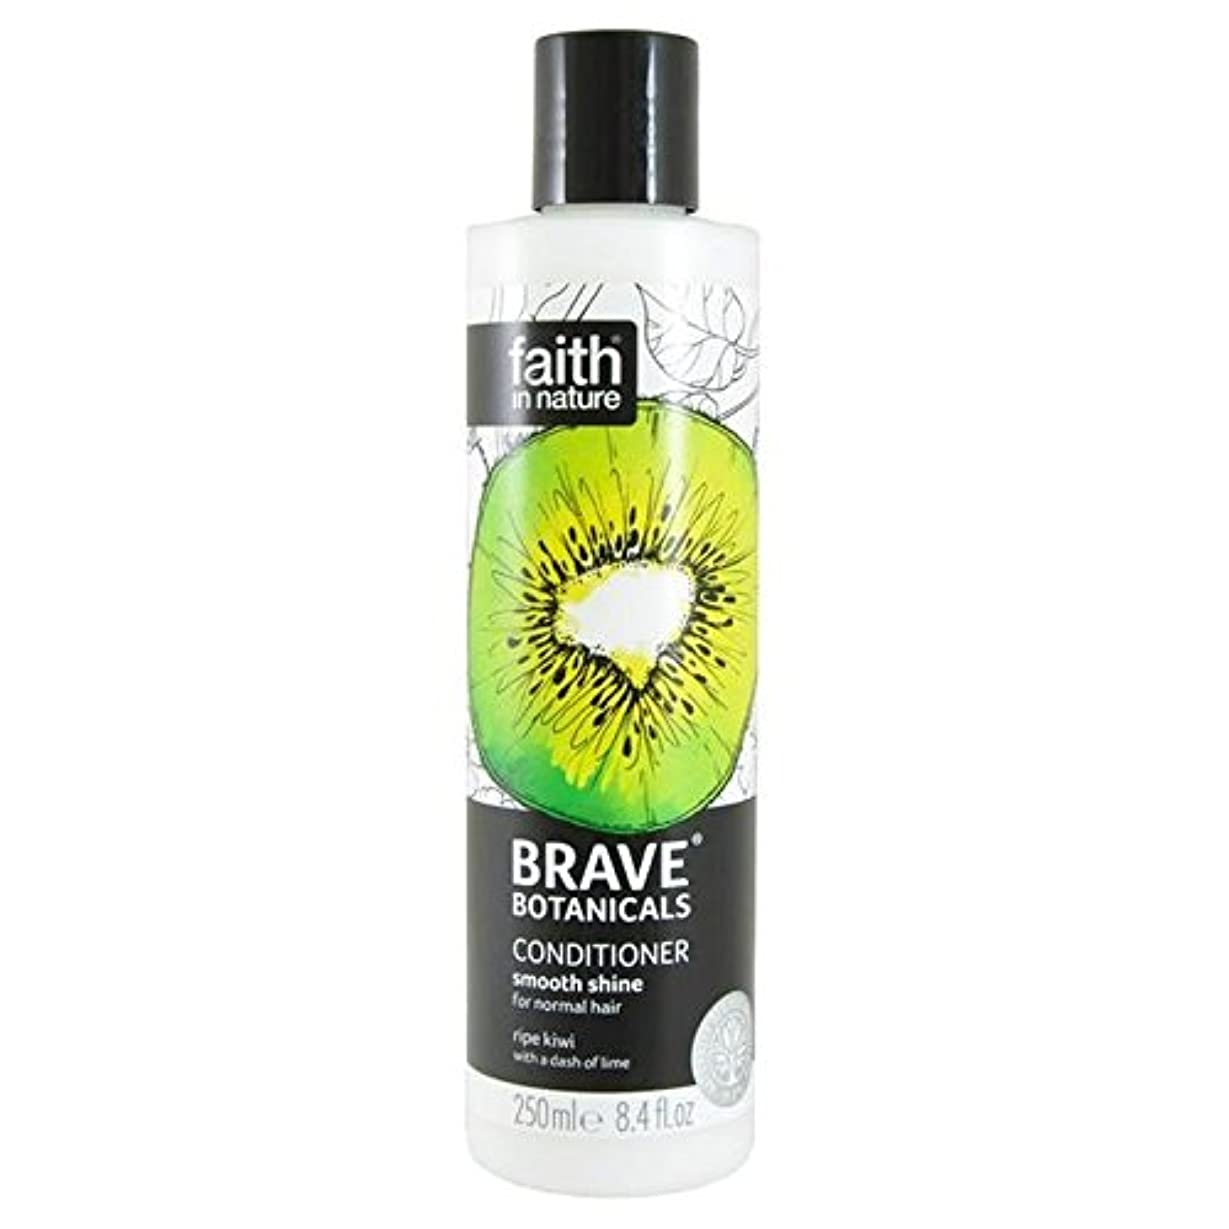 不一致追加する大邸宅Brave Botanicals Kiwi & Lime Smooth Shine Conditioner 250ml (Pack of 4) - (Faith In Nature) 勇敢な植物キウイ&ライムなめらかな輝...